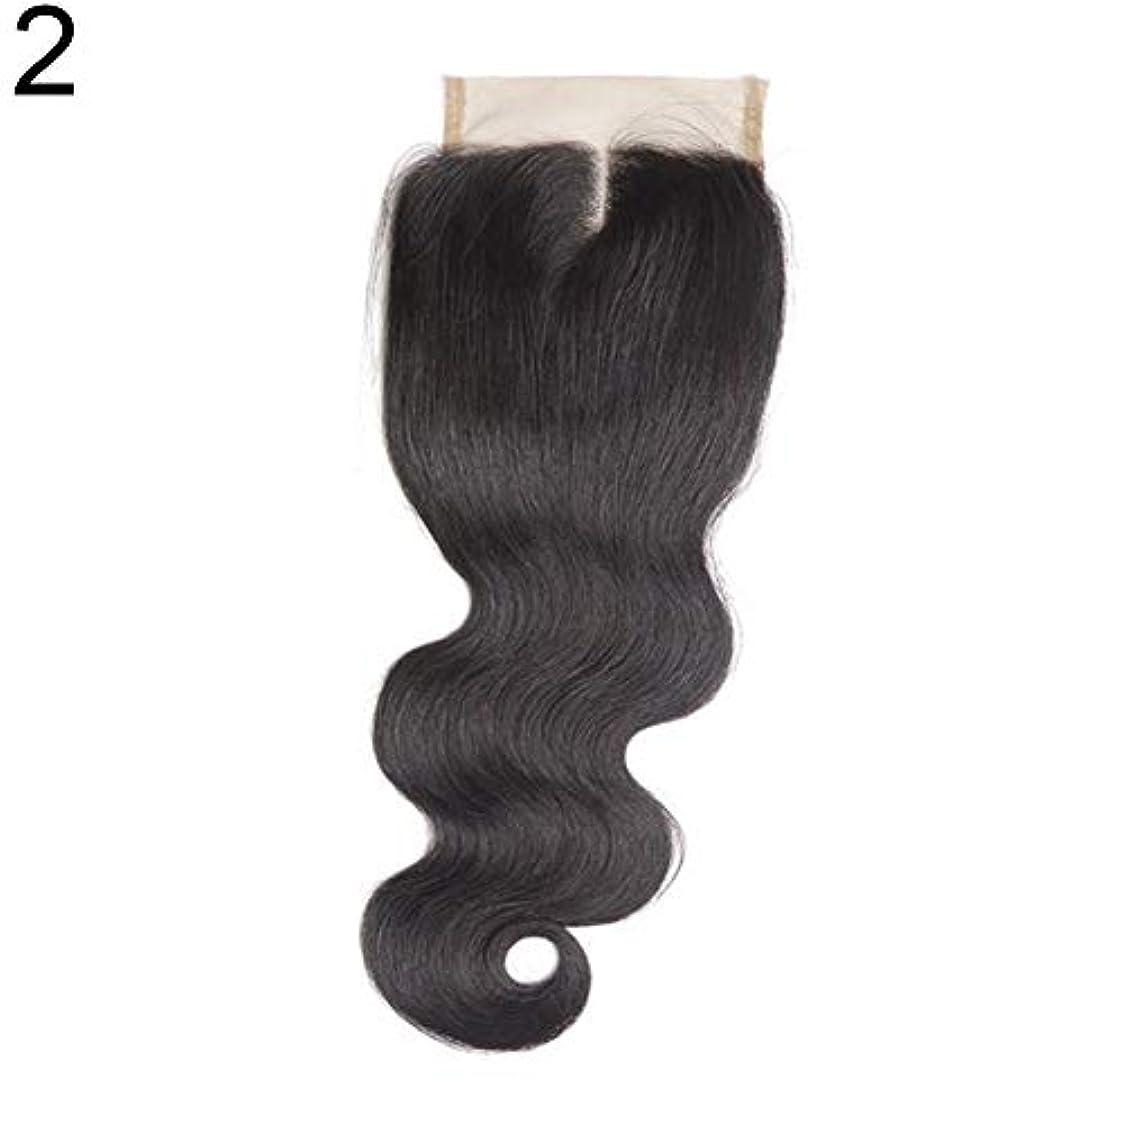 腹遅らせるトーンslQinjiansav女性ウィッグ修理ツールブラジルのミドル/フリー/3部人間の髪のレース閉鎖ウィッグ黒ヘアピース